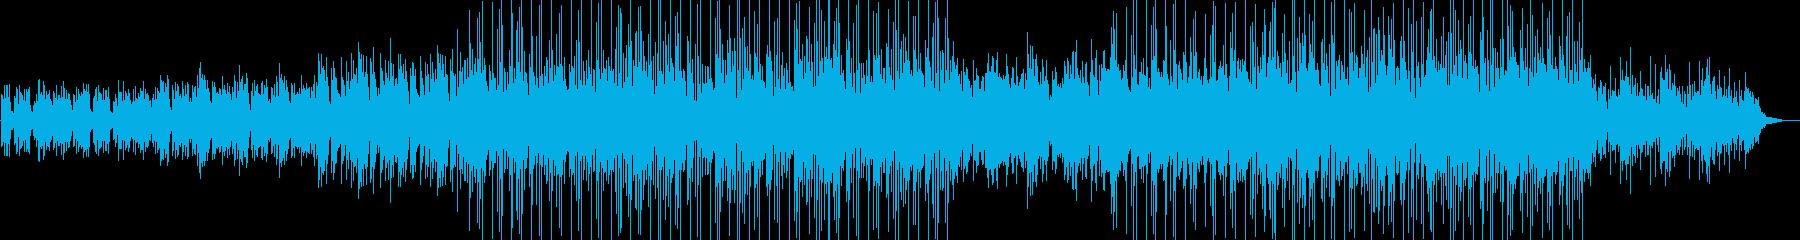 ソフトなポップイージーリスニングイ...の再生済みの波形